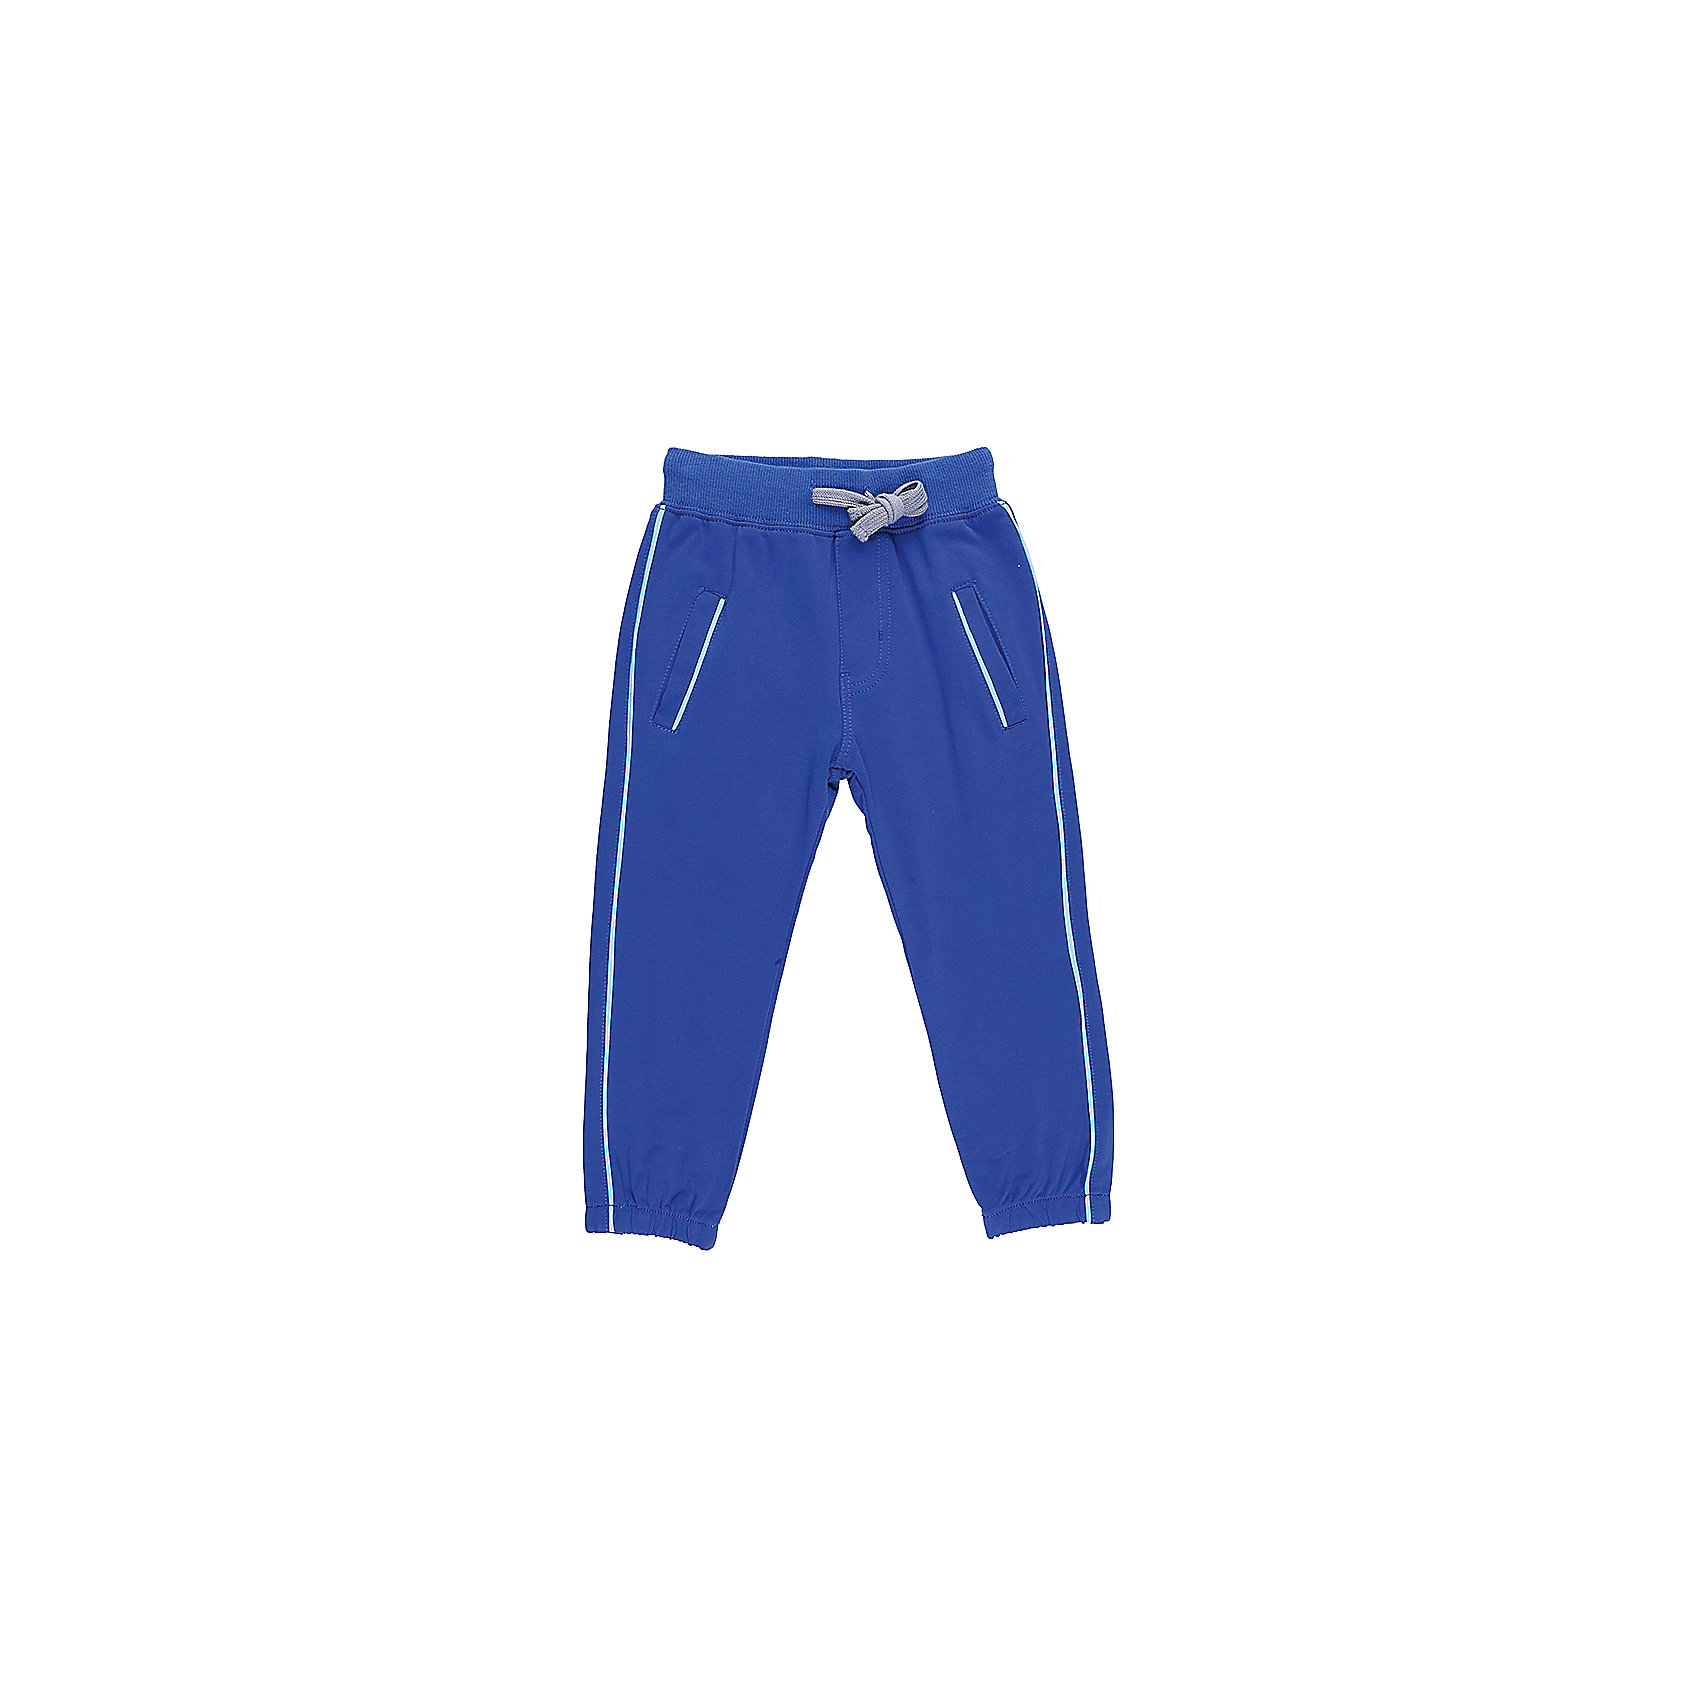 Брюки для мальчика Sweet BerryБрюки<br>Трикотажные брюки, низ брючин собран на мягкую резинку. Модель имеет прорезные карманы и декоративный кант. Пояс-резинка дополнен шнуром для регулирования объема.<br>Состав:<br>95%хлопок 5%эластан<br><br>Ширина мм: 215<br>Глубина мм: 88<br>Высота мм: 191<br>Вес г: 336<br>Цвет: синий<br>Возраст от месяцев: 12<br>Возраст до месяцев: 15<br>Пол: Мужской<br>Возраст: Детский<br>Размер: 80,86,92,98<br>SKU: 5411615